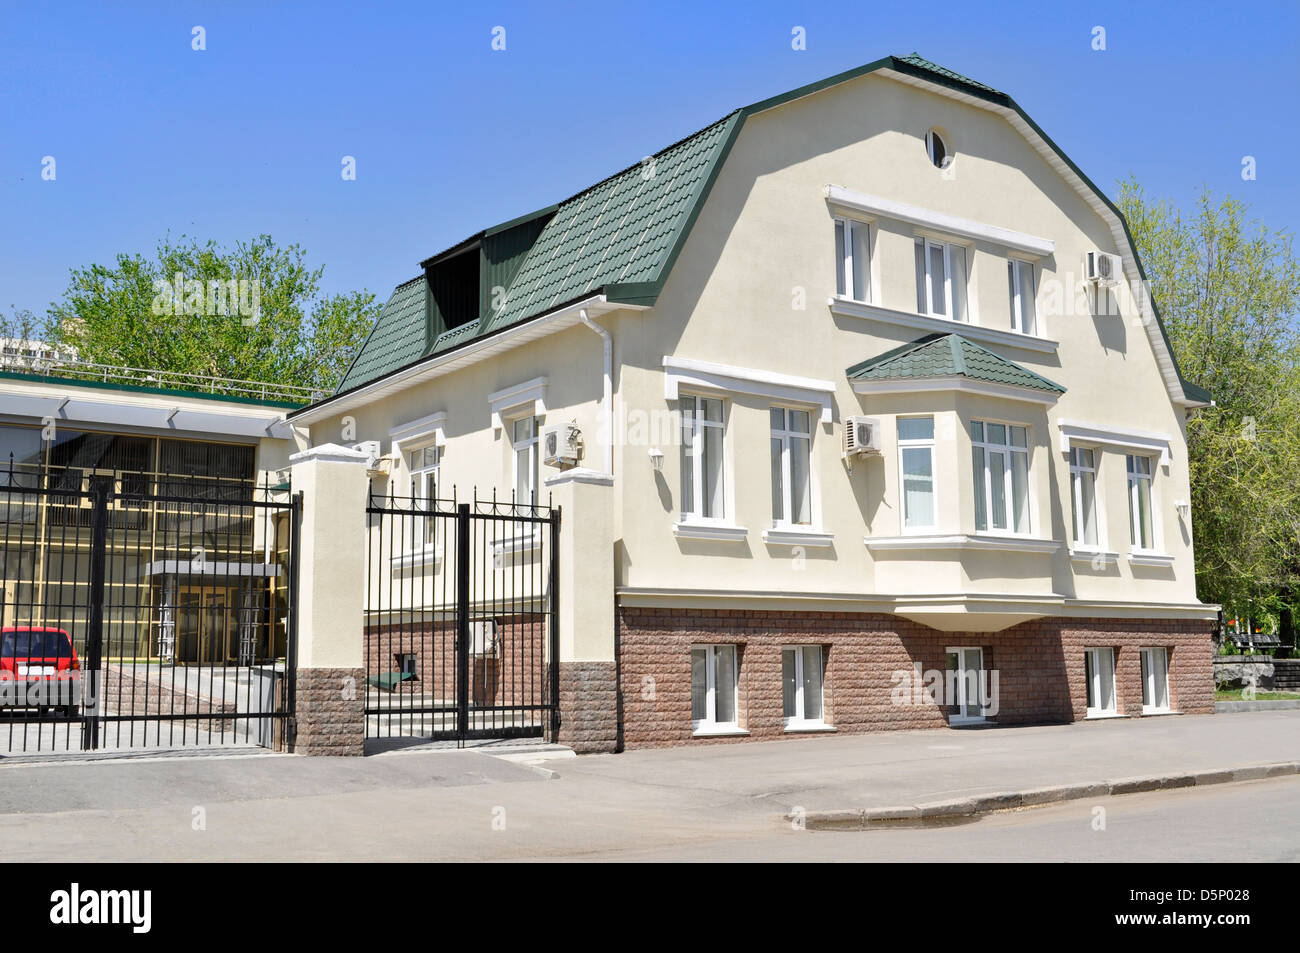 Modernes Haus Auf Himmelshintergrund Mit Garten Und Zaun Stockfoto